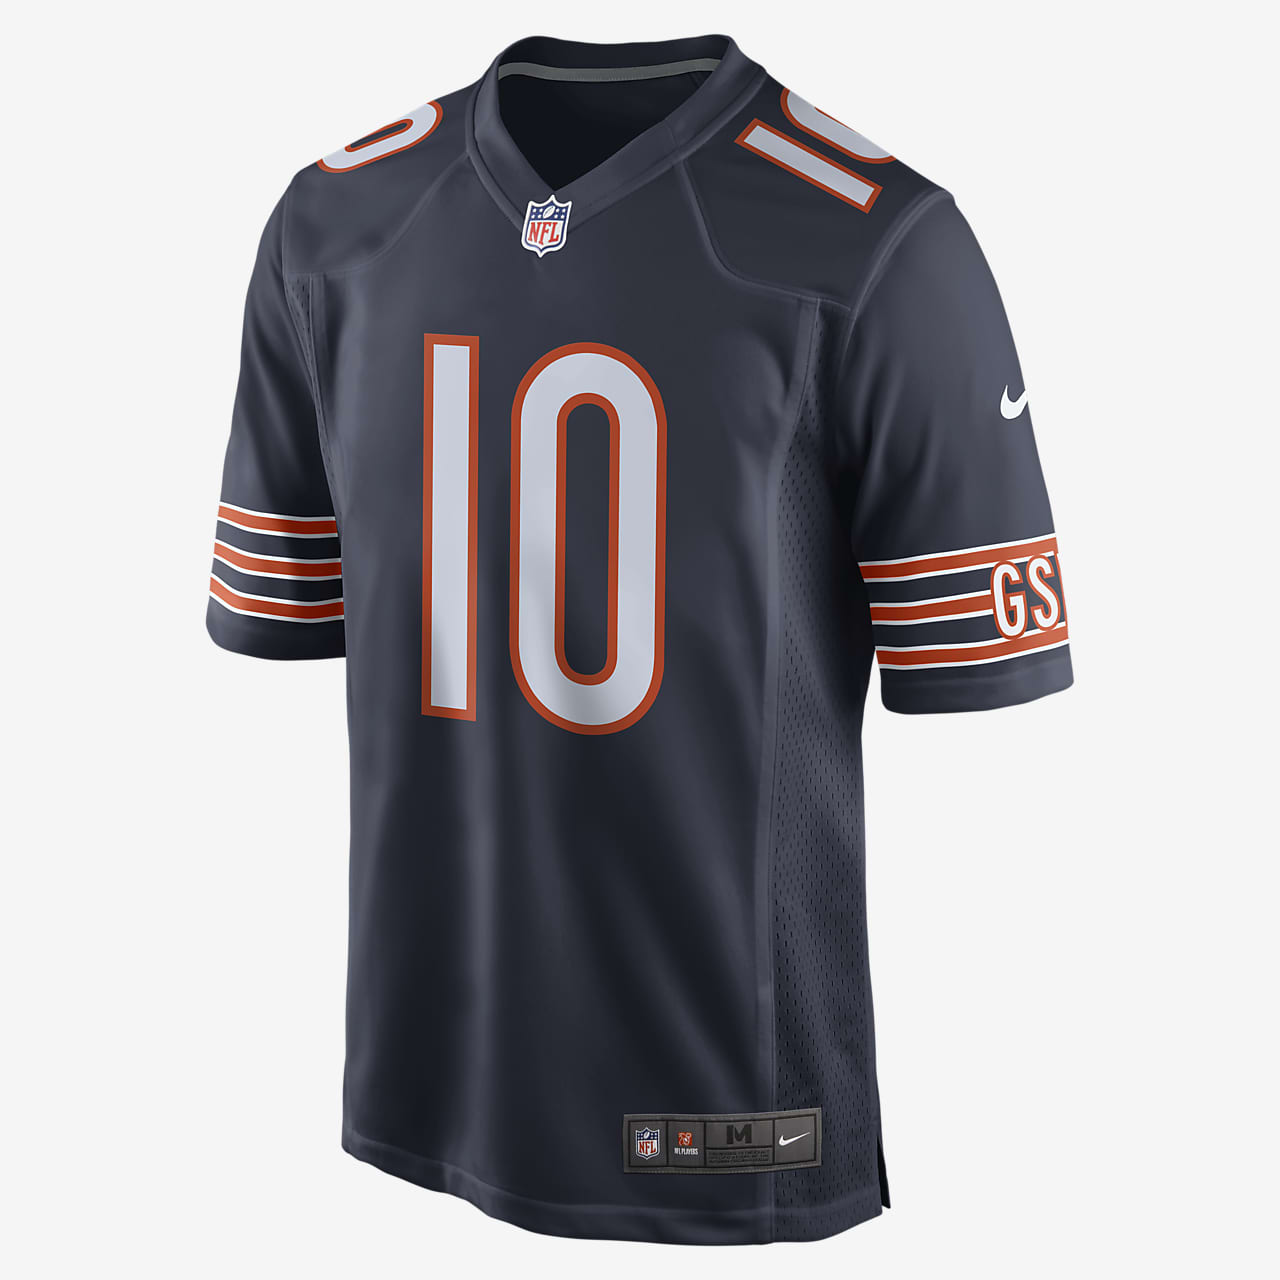 NFL Chicago Bears (Mitch Trubisky) American football-thuiswedstrijdjersey voor heren